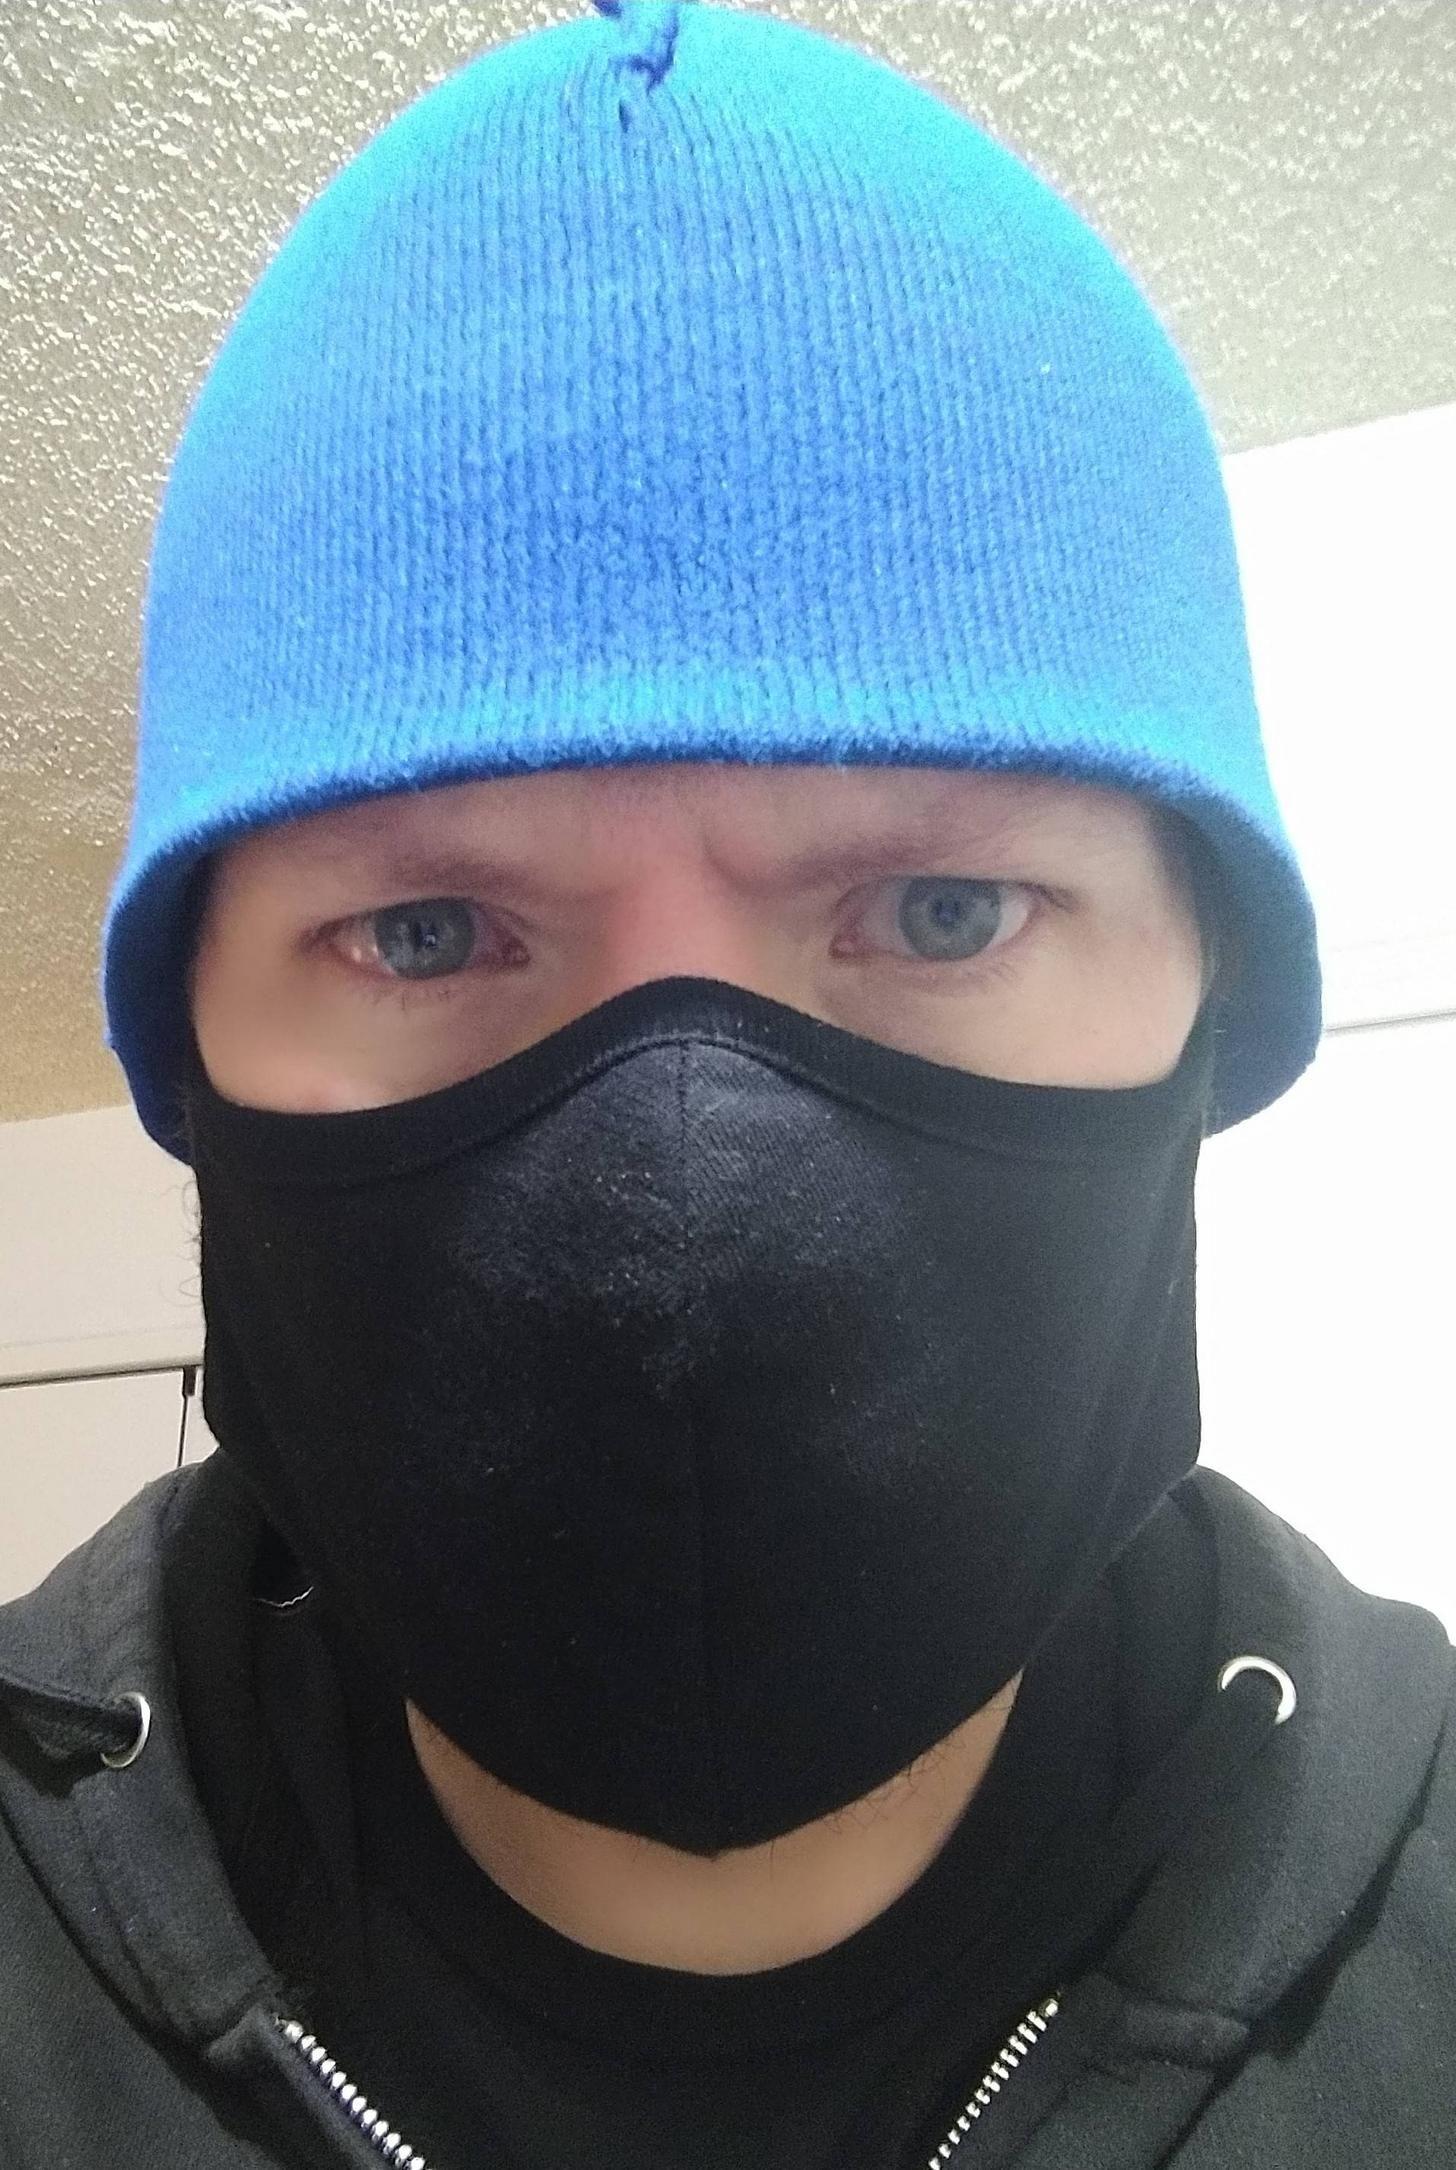 Due to mandatory face masks, I now serve COBRA!!!